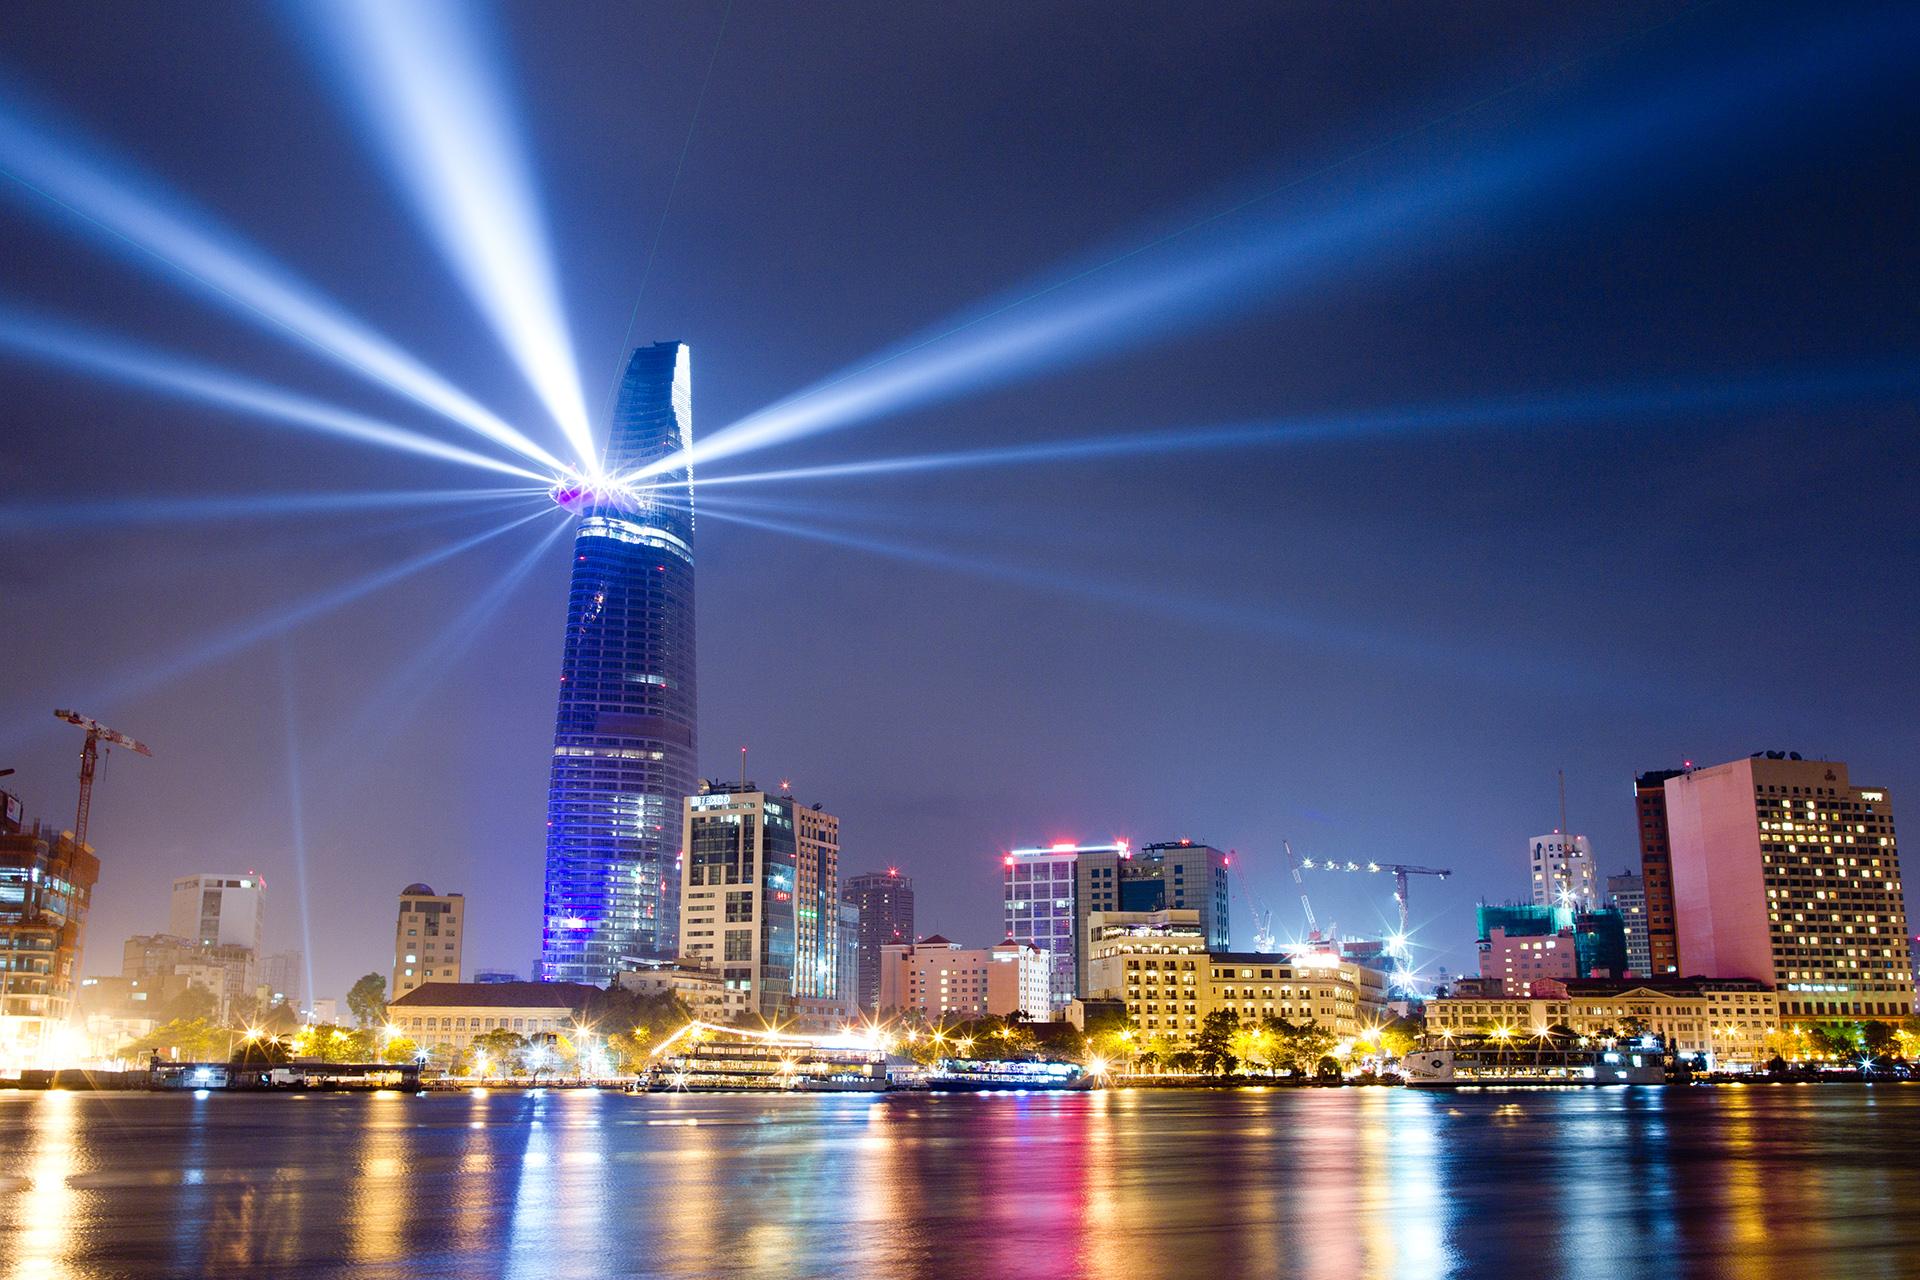 Tiết kiệm điện năng tại các tòa nhà cao tầng – vấn đề cấp bách